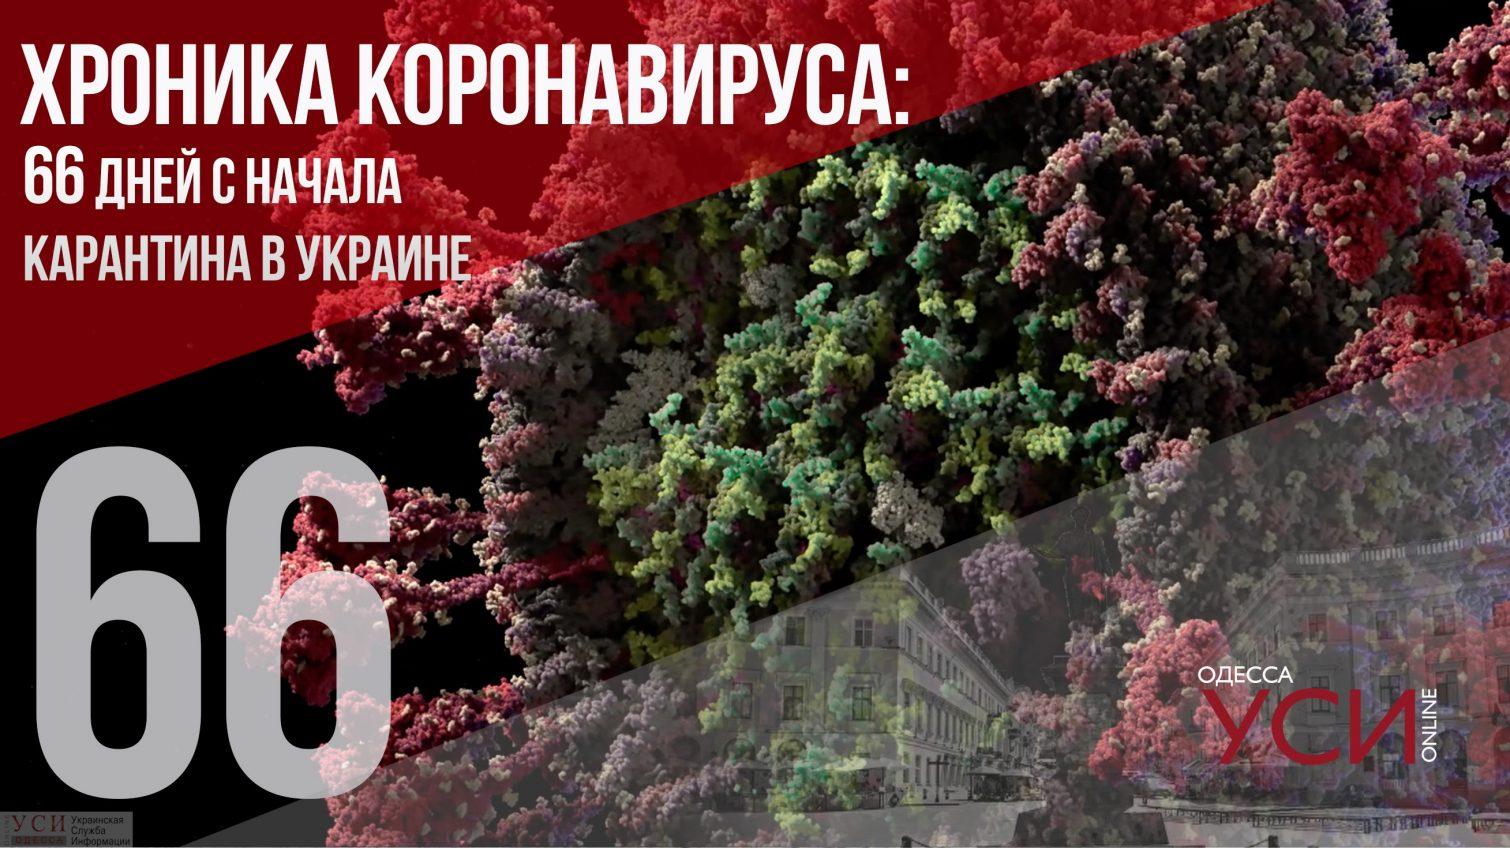 Хроника коронавируса: 66 день с начала карантина ОБНОВЛЯЕТСЯ «фото»